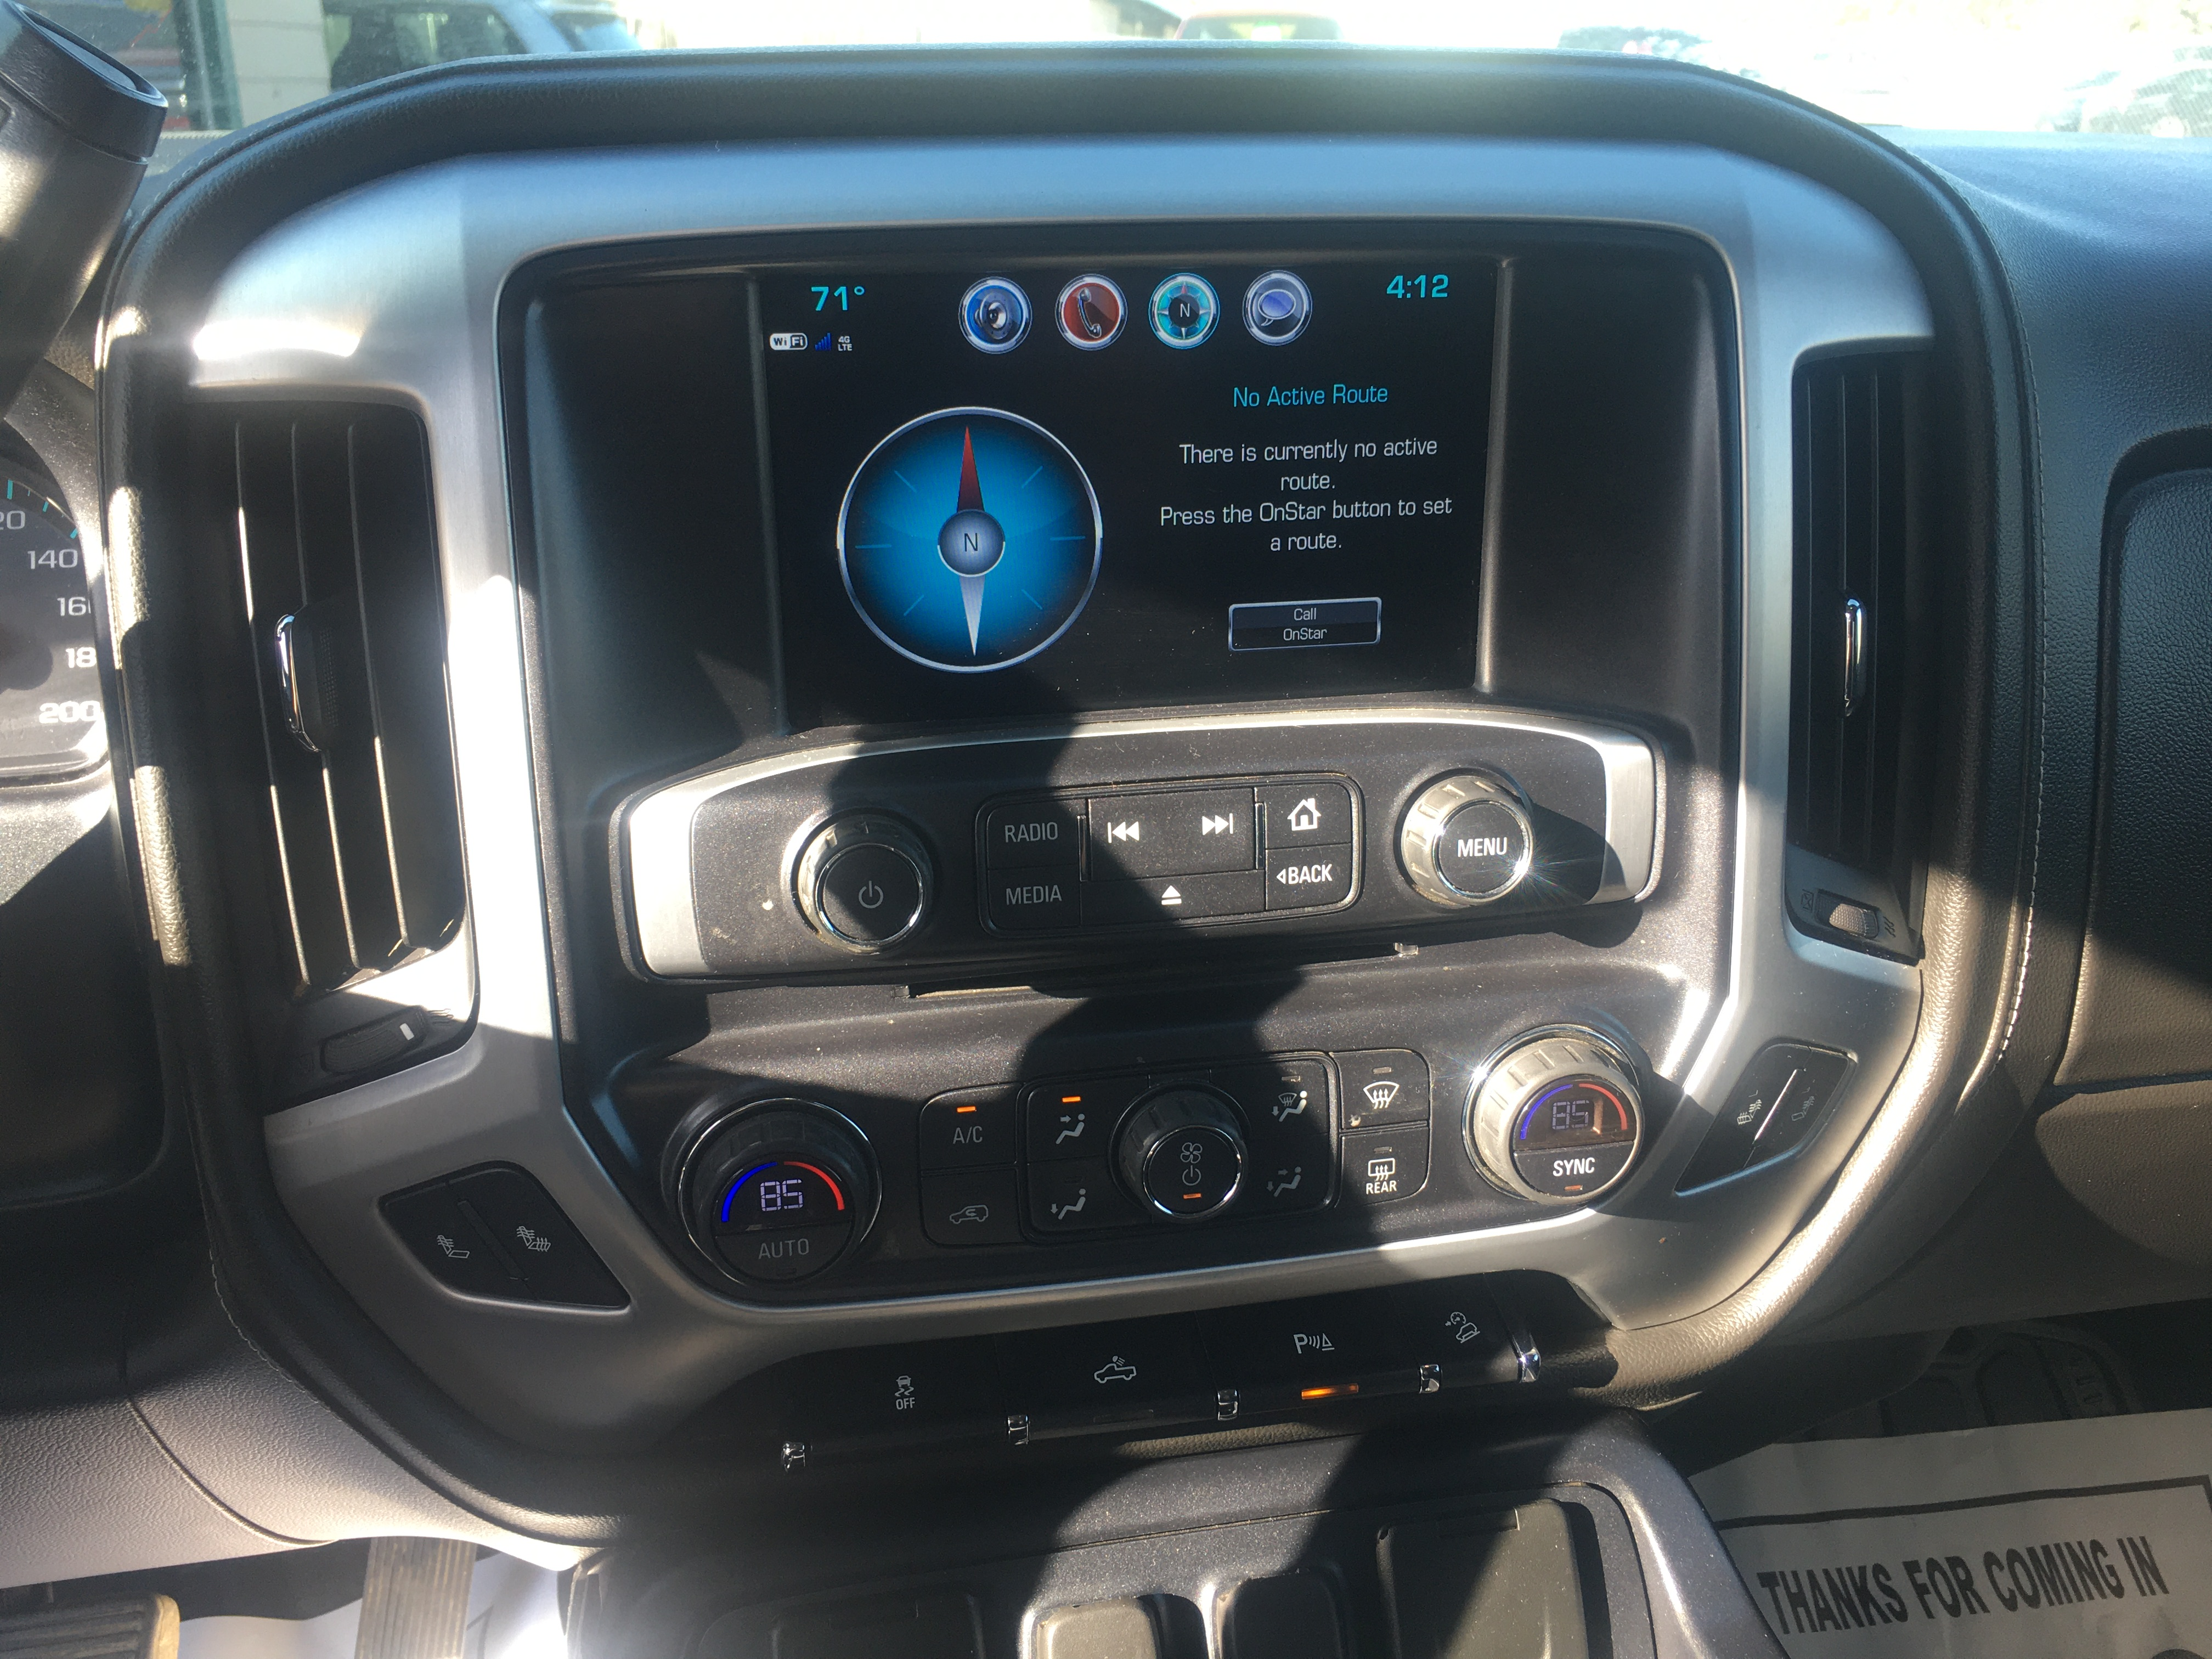 2018 GMC SIERRA CREW CAB SLE